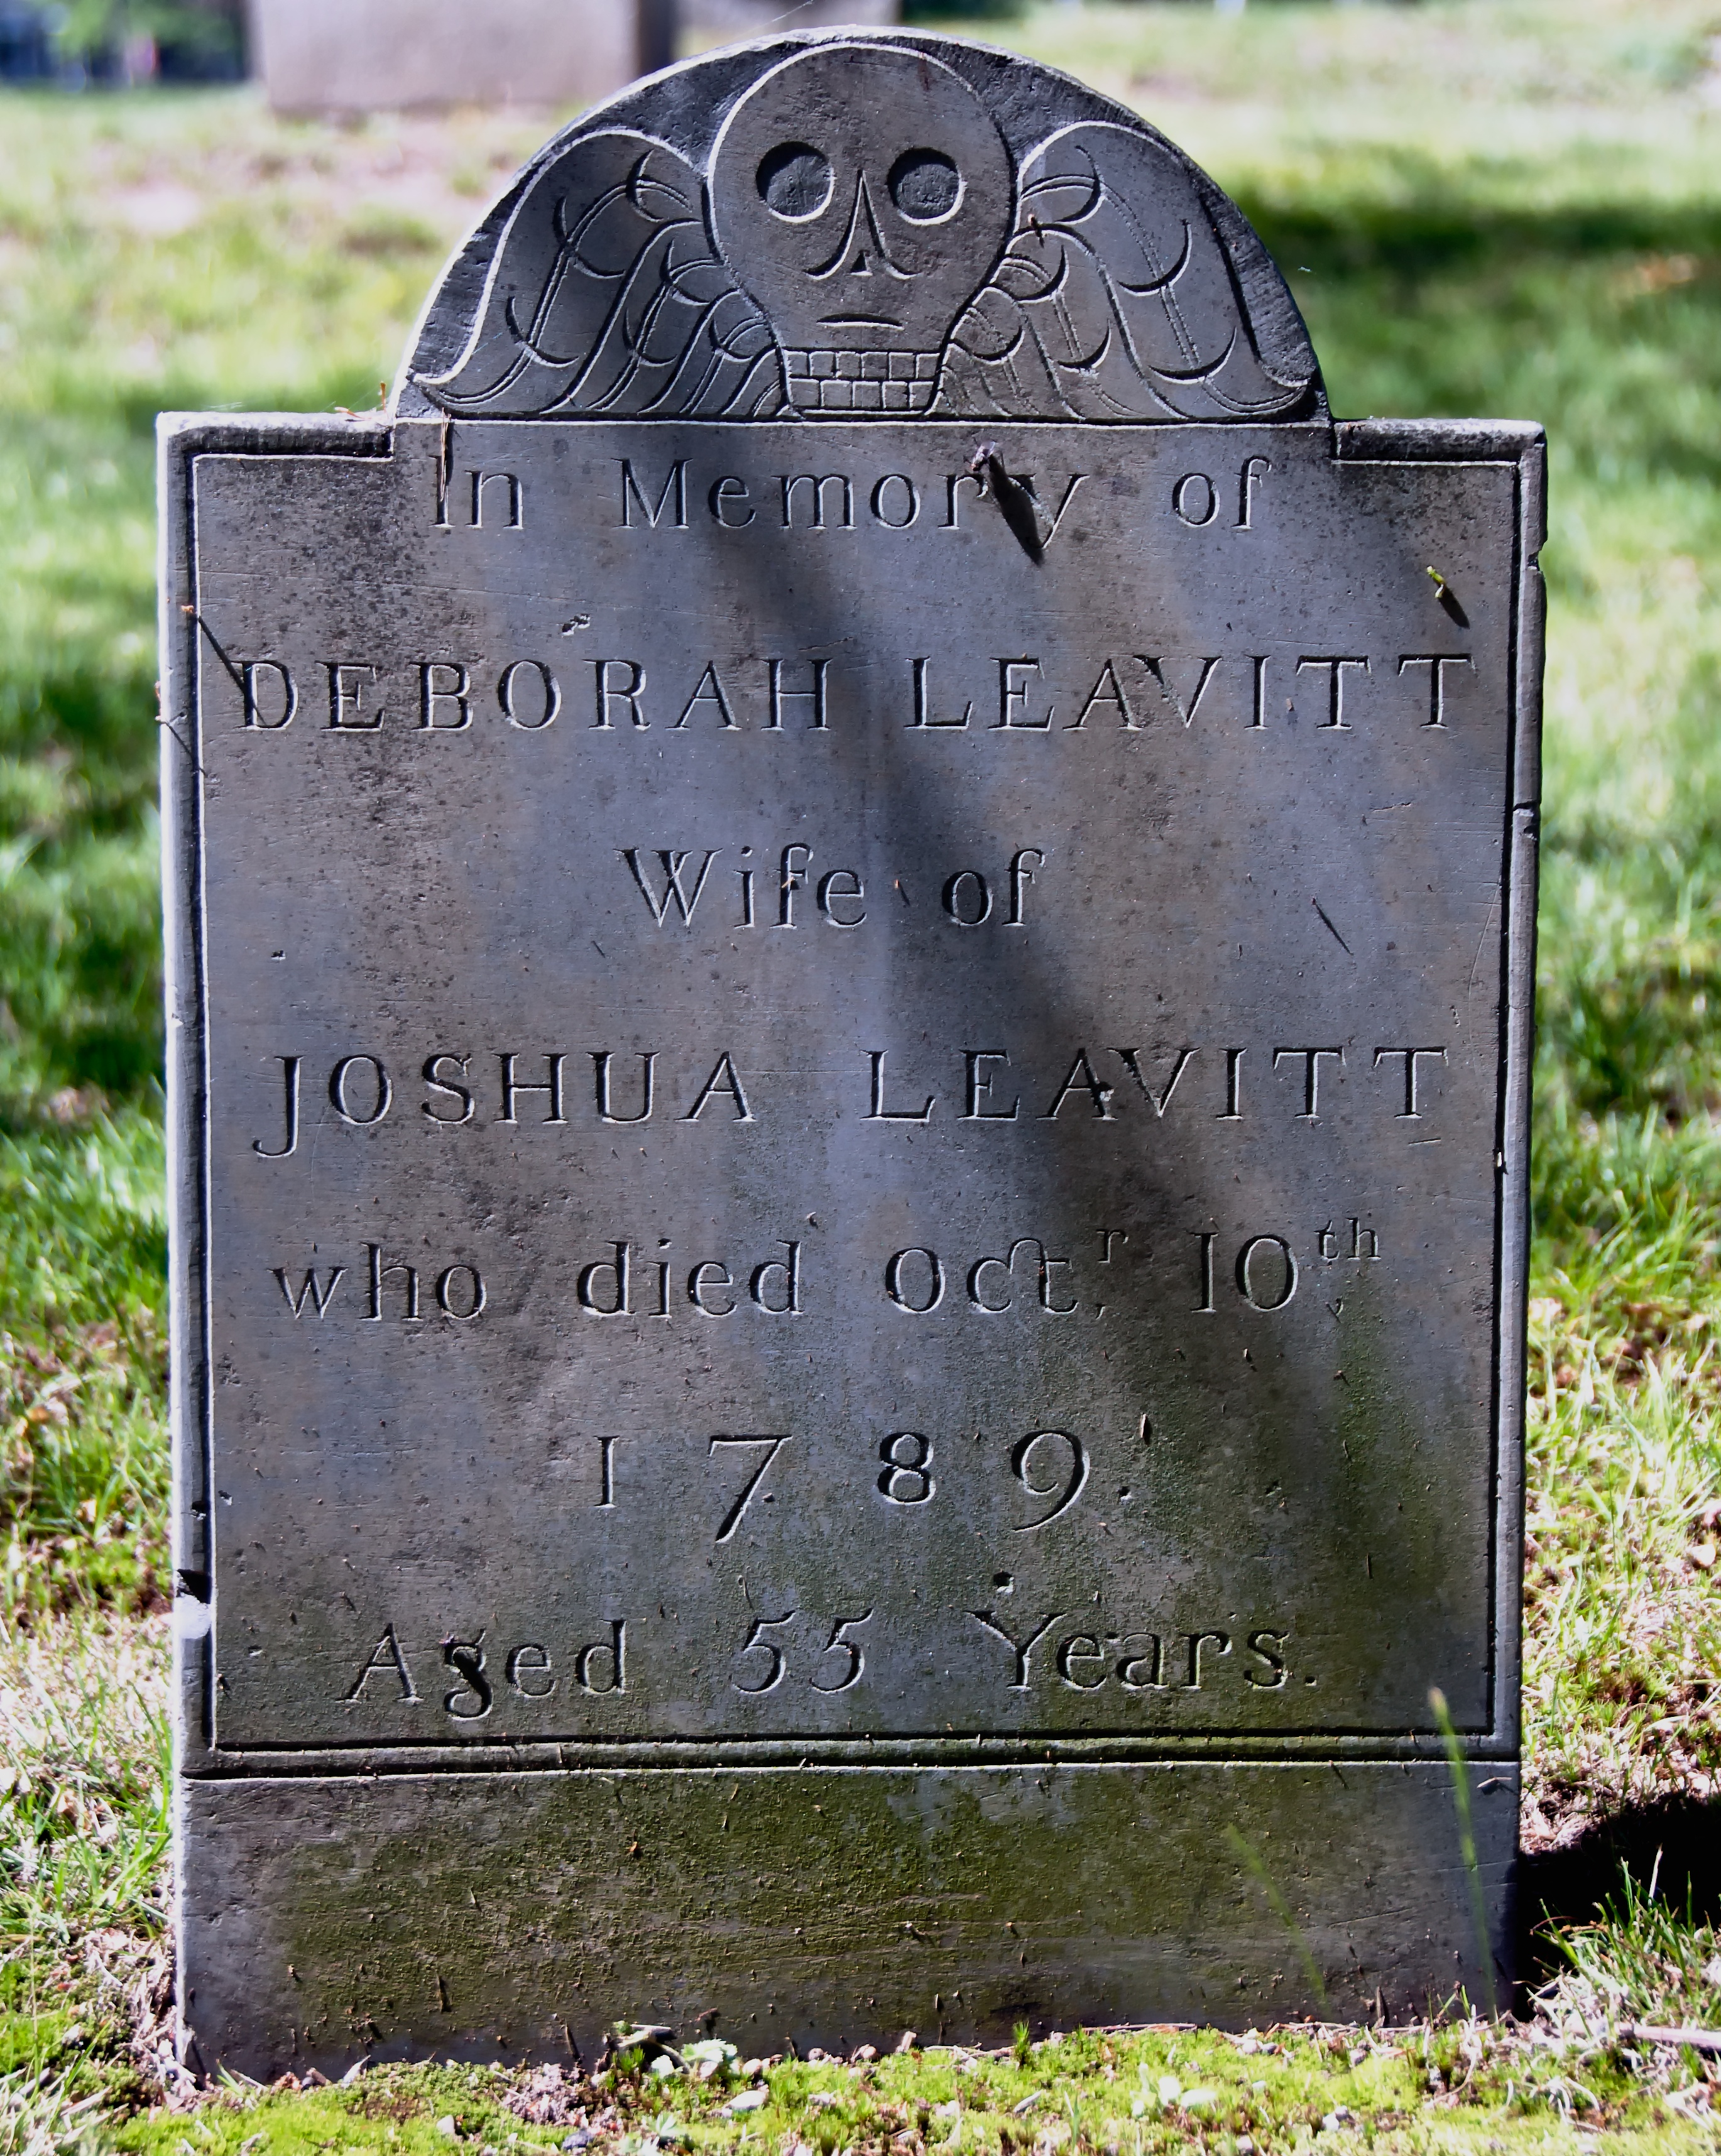 https://upload.wikimedia.org/wikipedia/commons/5/5d/DeborahLeavitt.jpg